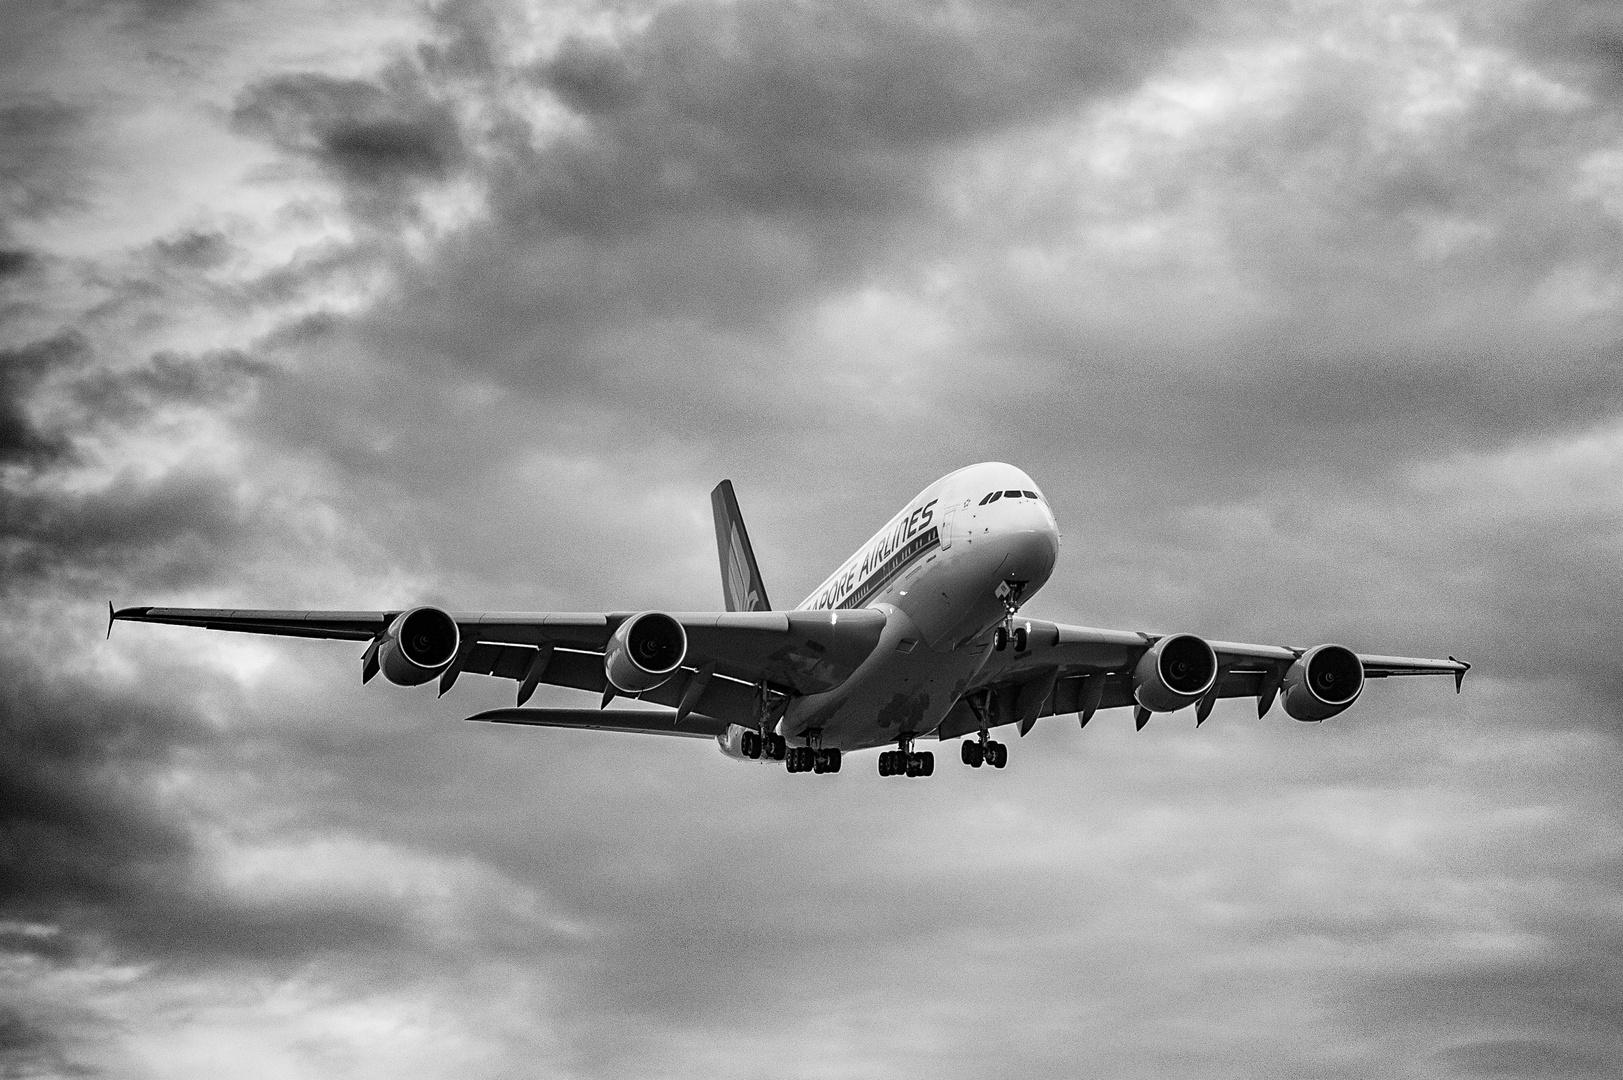 A380 Anflug #1